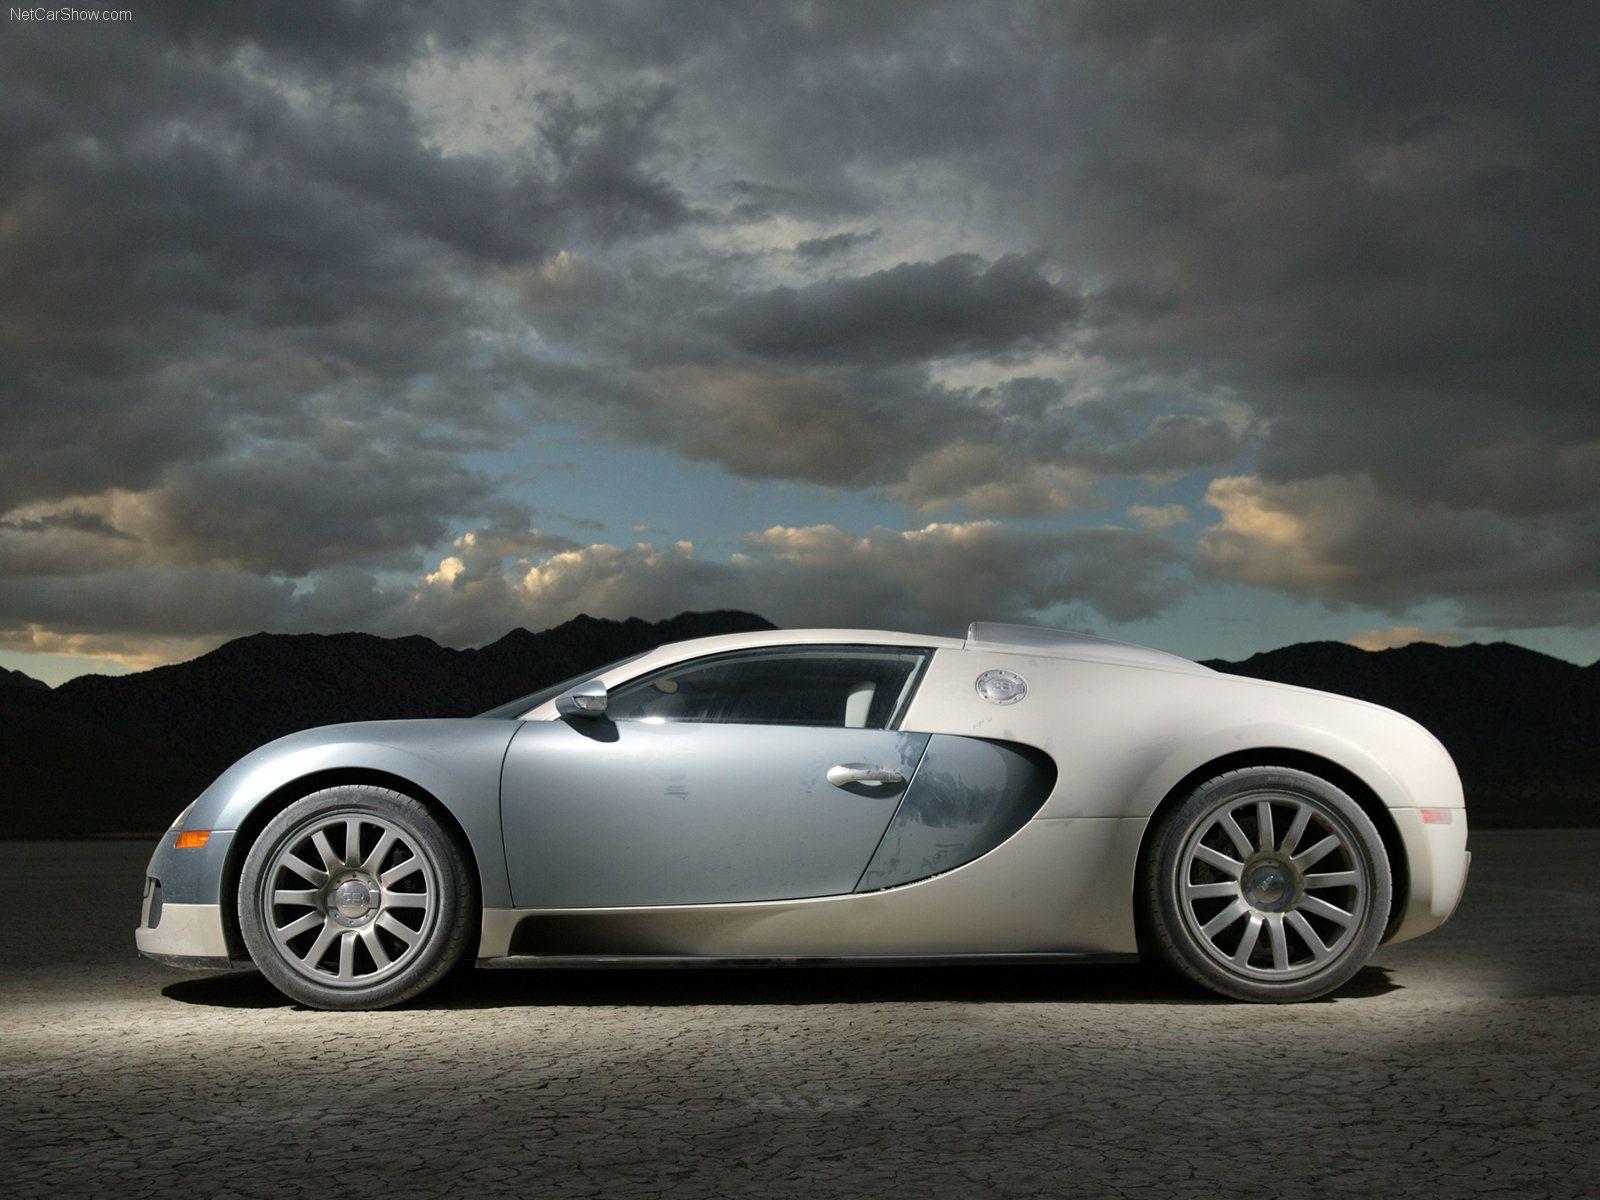 167eb59657a6410edebc86a4fc77ab15 Cozy Bugatti Veyron Rembrandt Edition Price Cars Trend